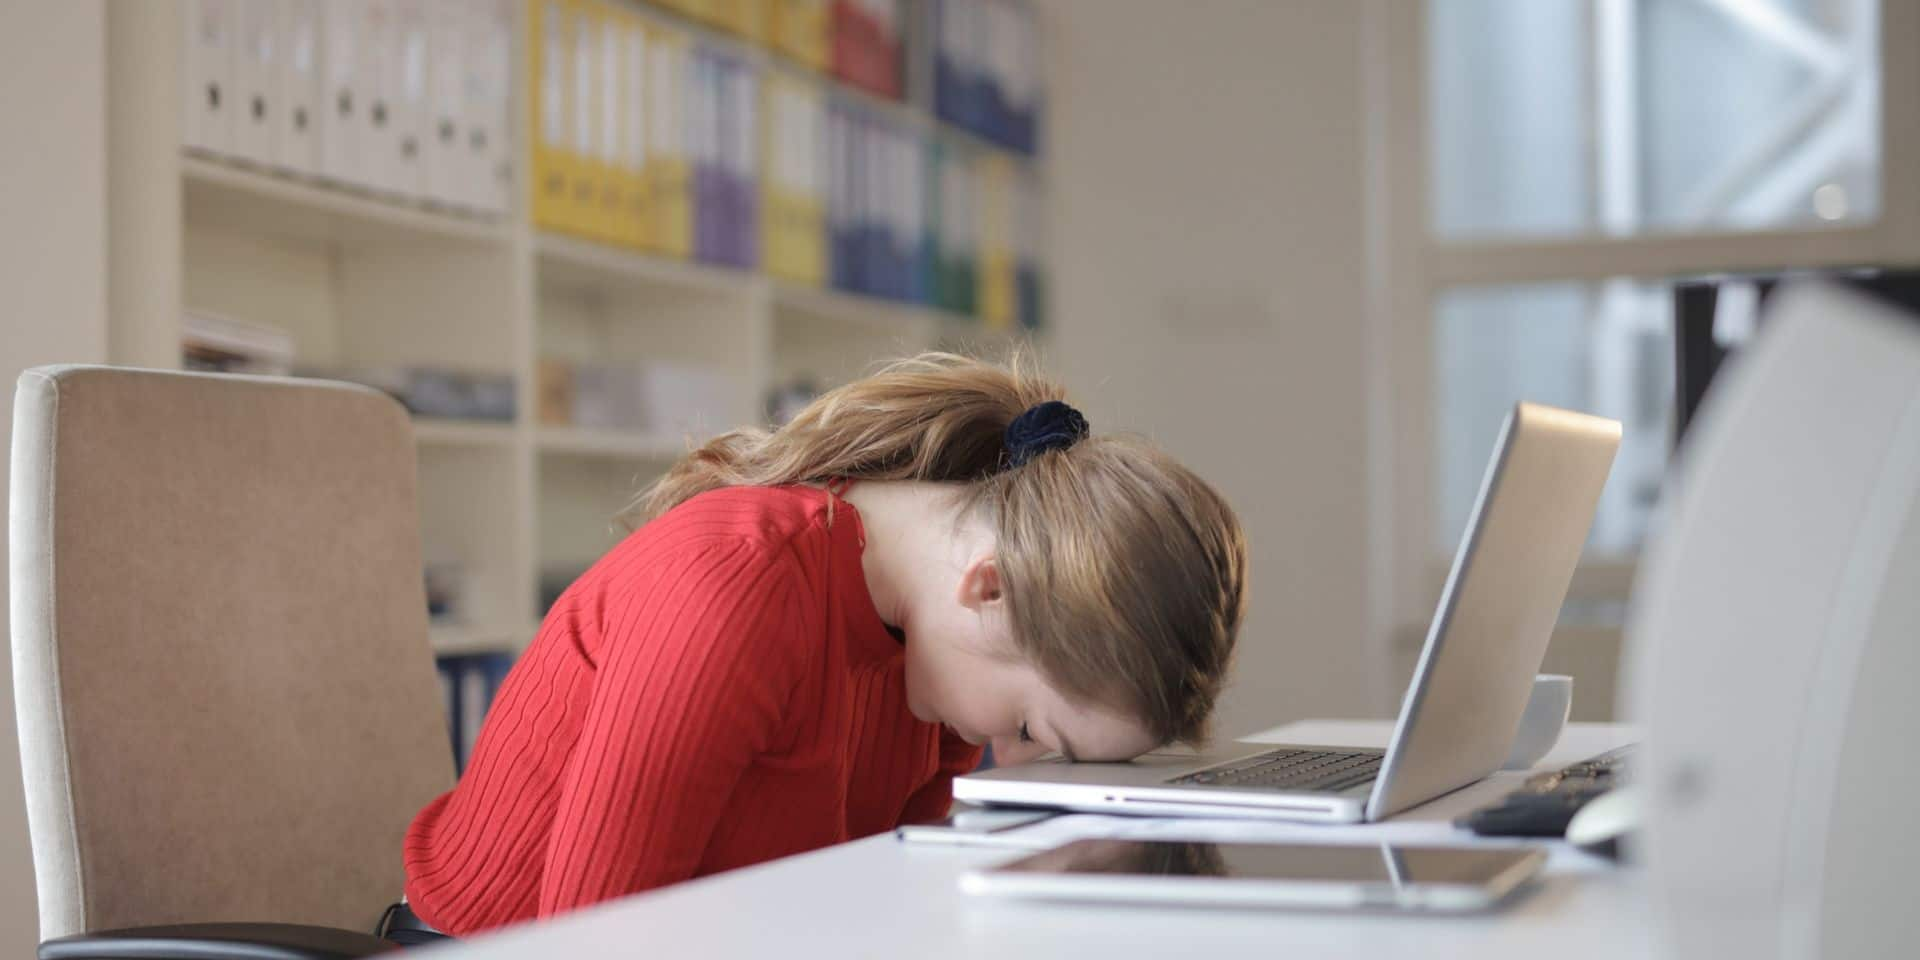 En entreprise ou en télétravail : être assis 6h39 en moyenne par jour, c'est non!